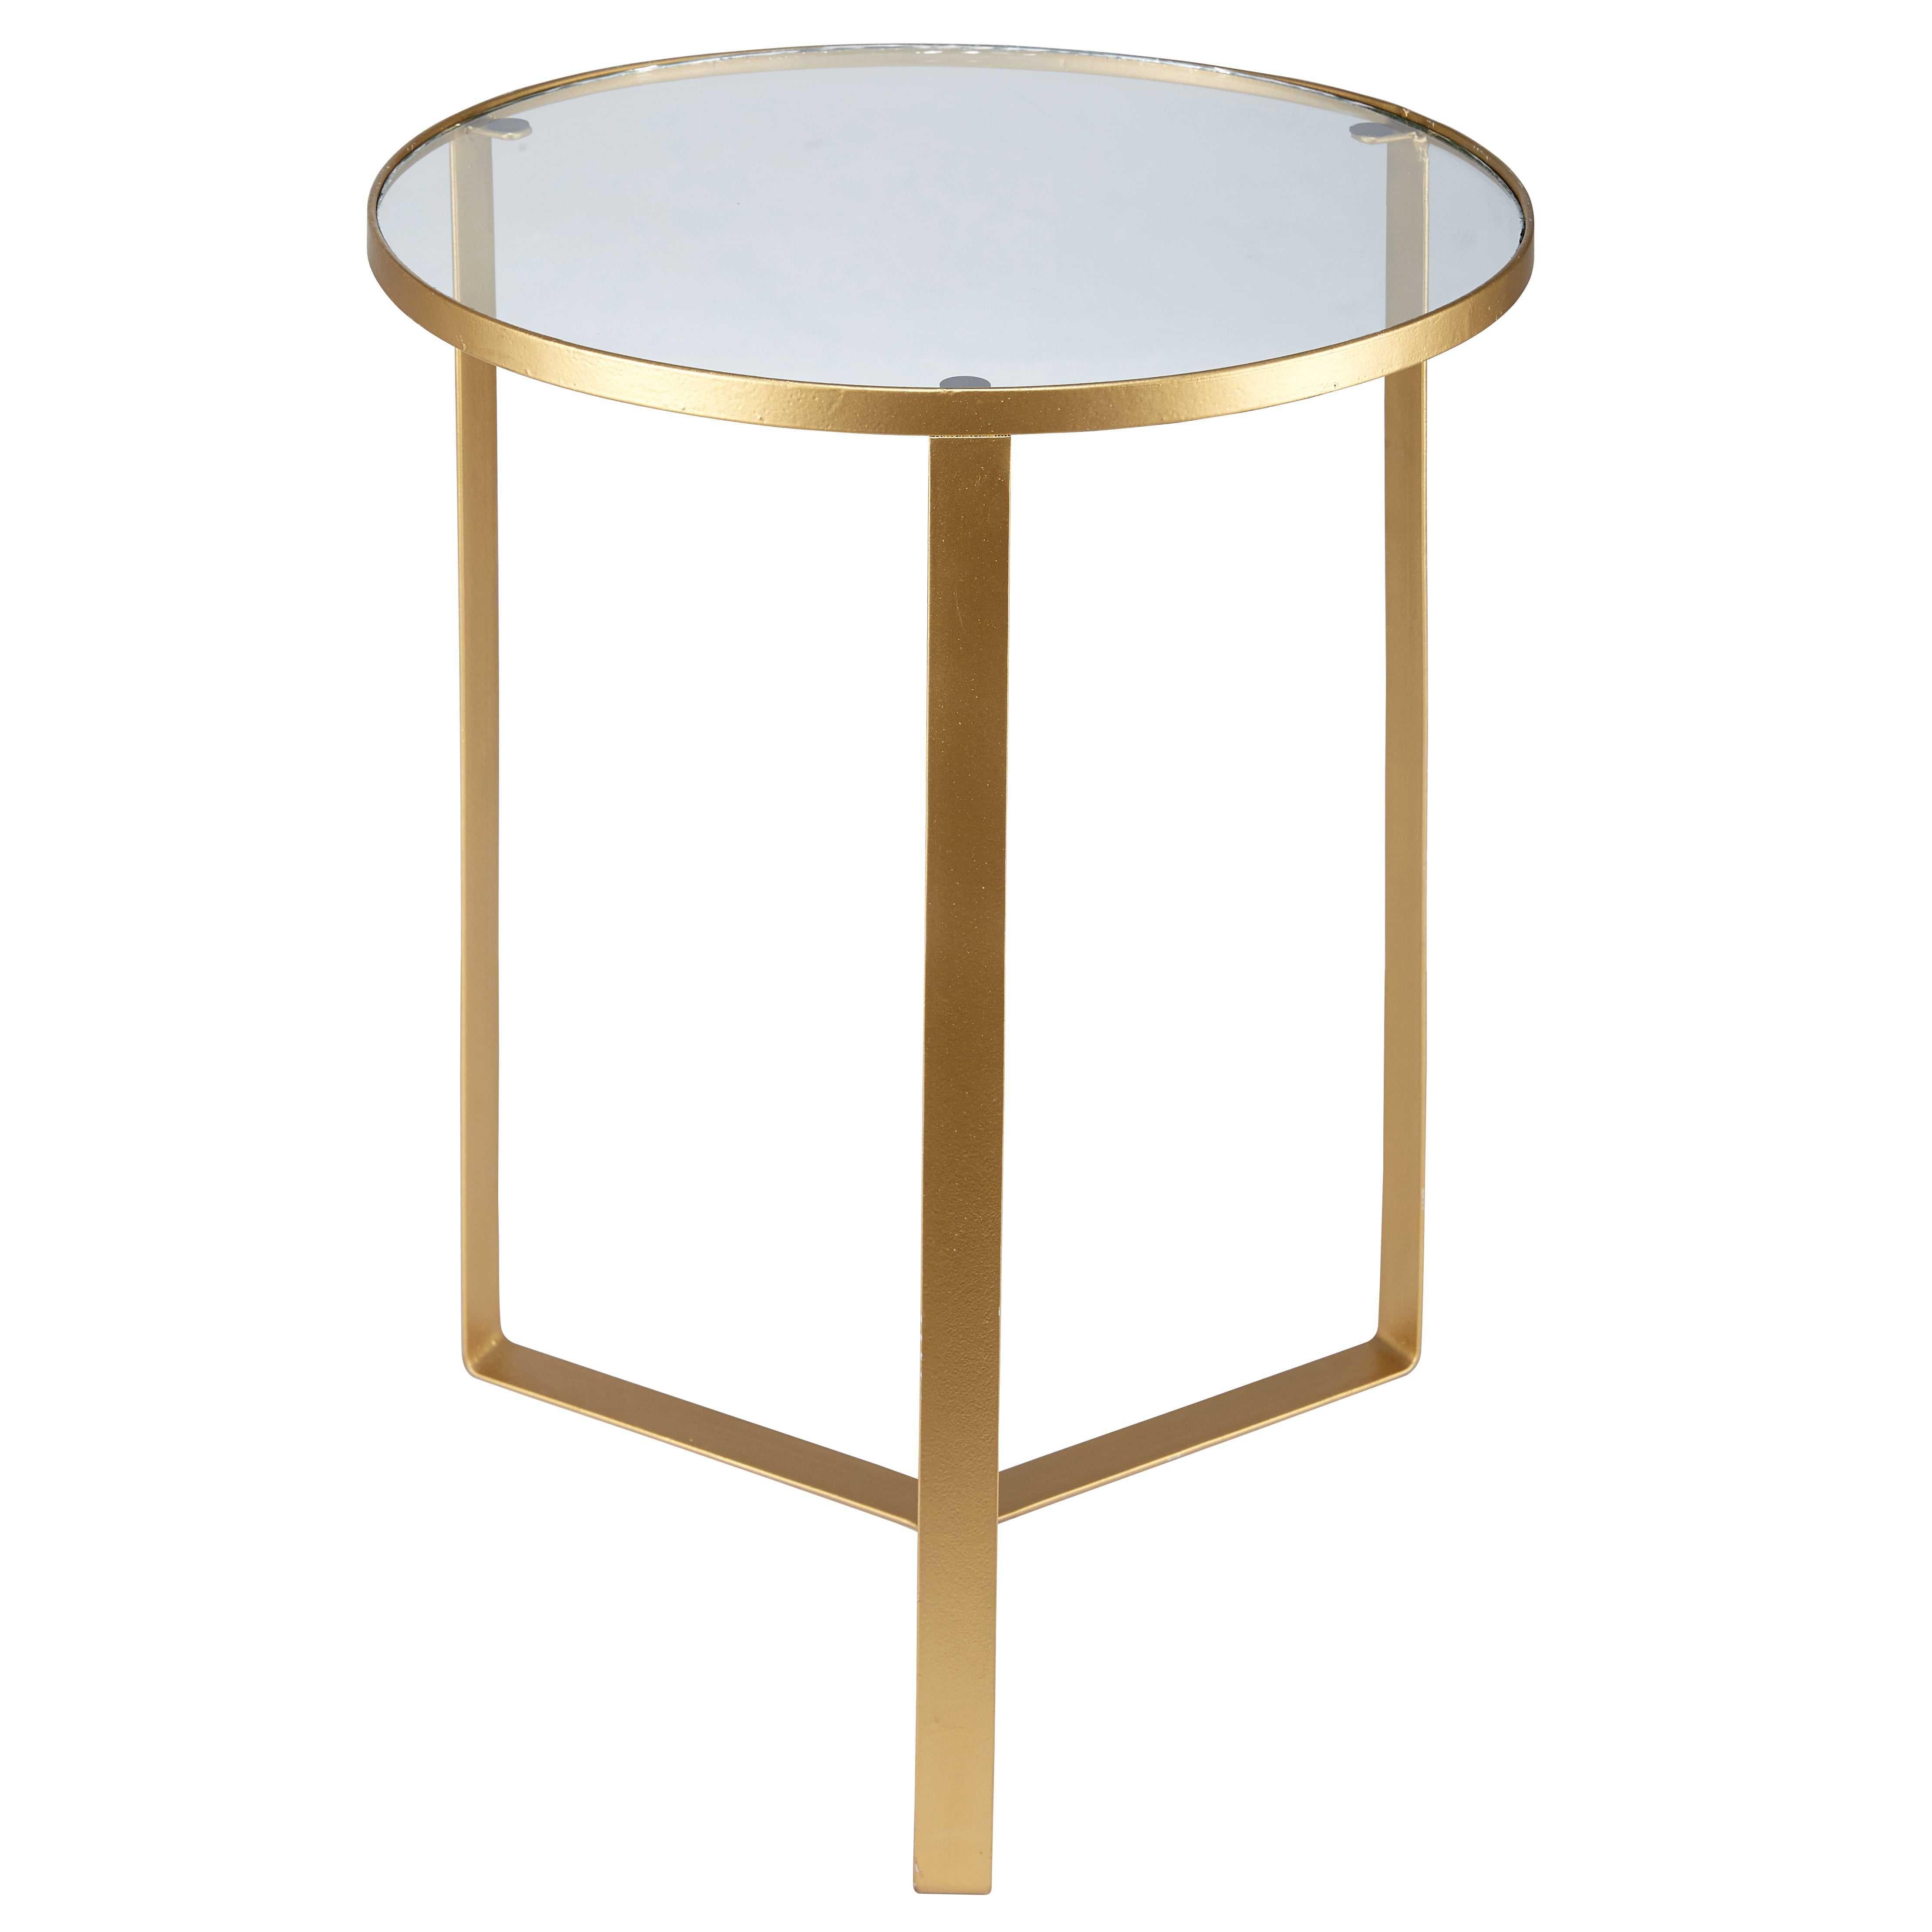 Beistelltisch Aus Glas Und Goldfarbenem Metall Olivia Jetzt Bestellen Unter Https Moebel Ladendirekt D Beistelltisch Beistelltisch Glas Beistelltisch Metall